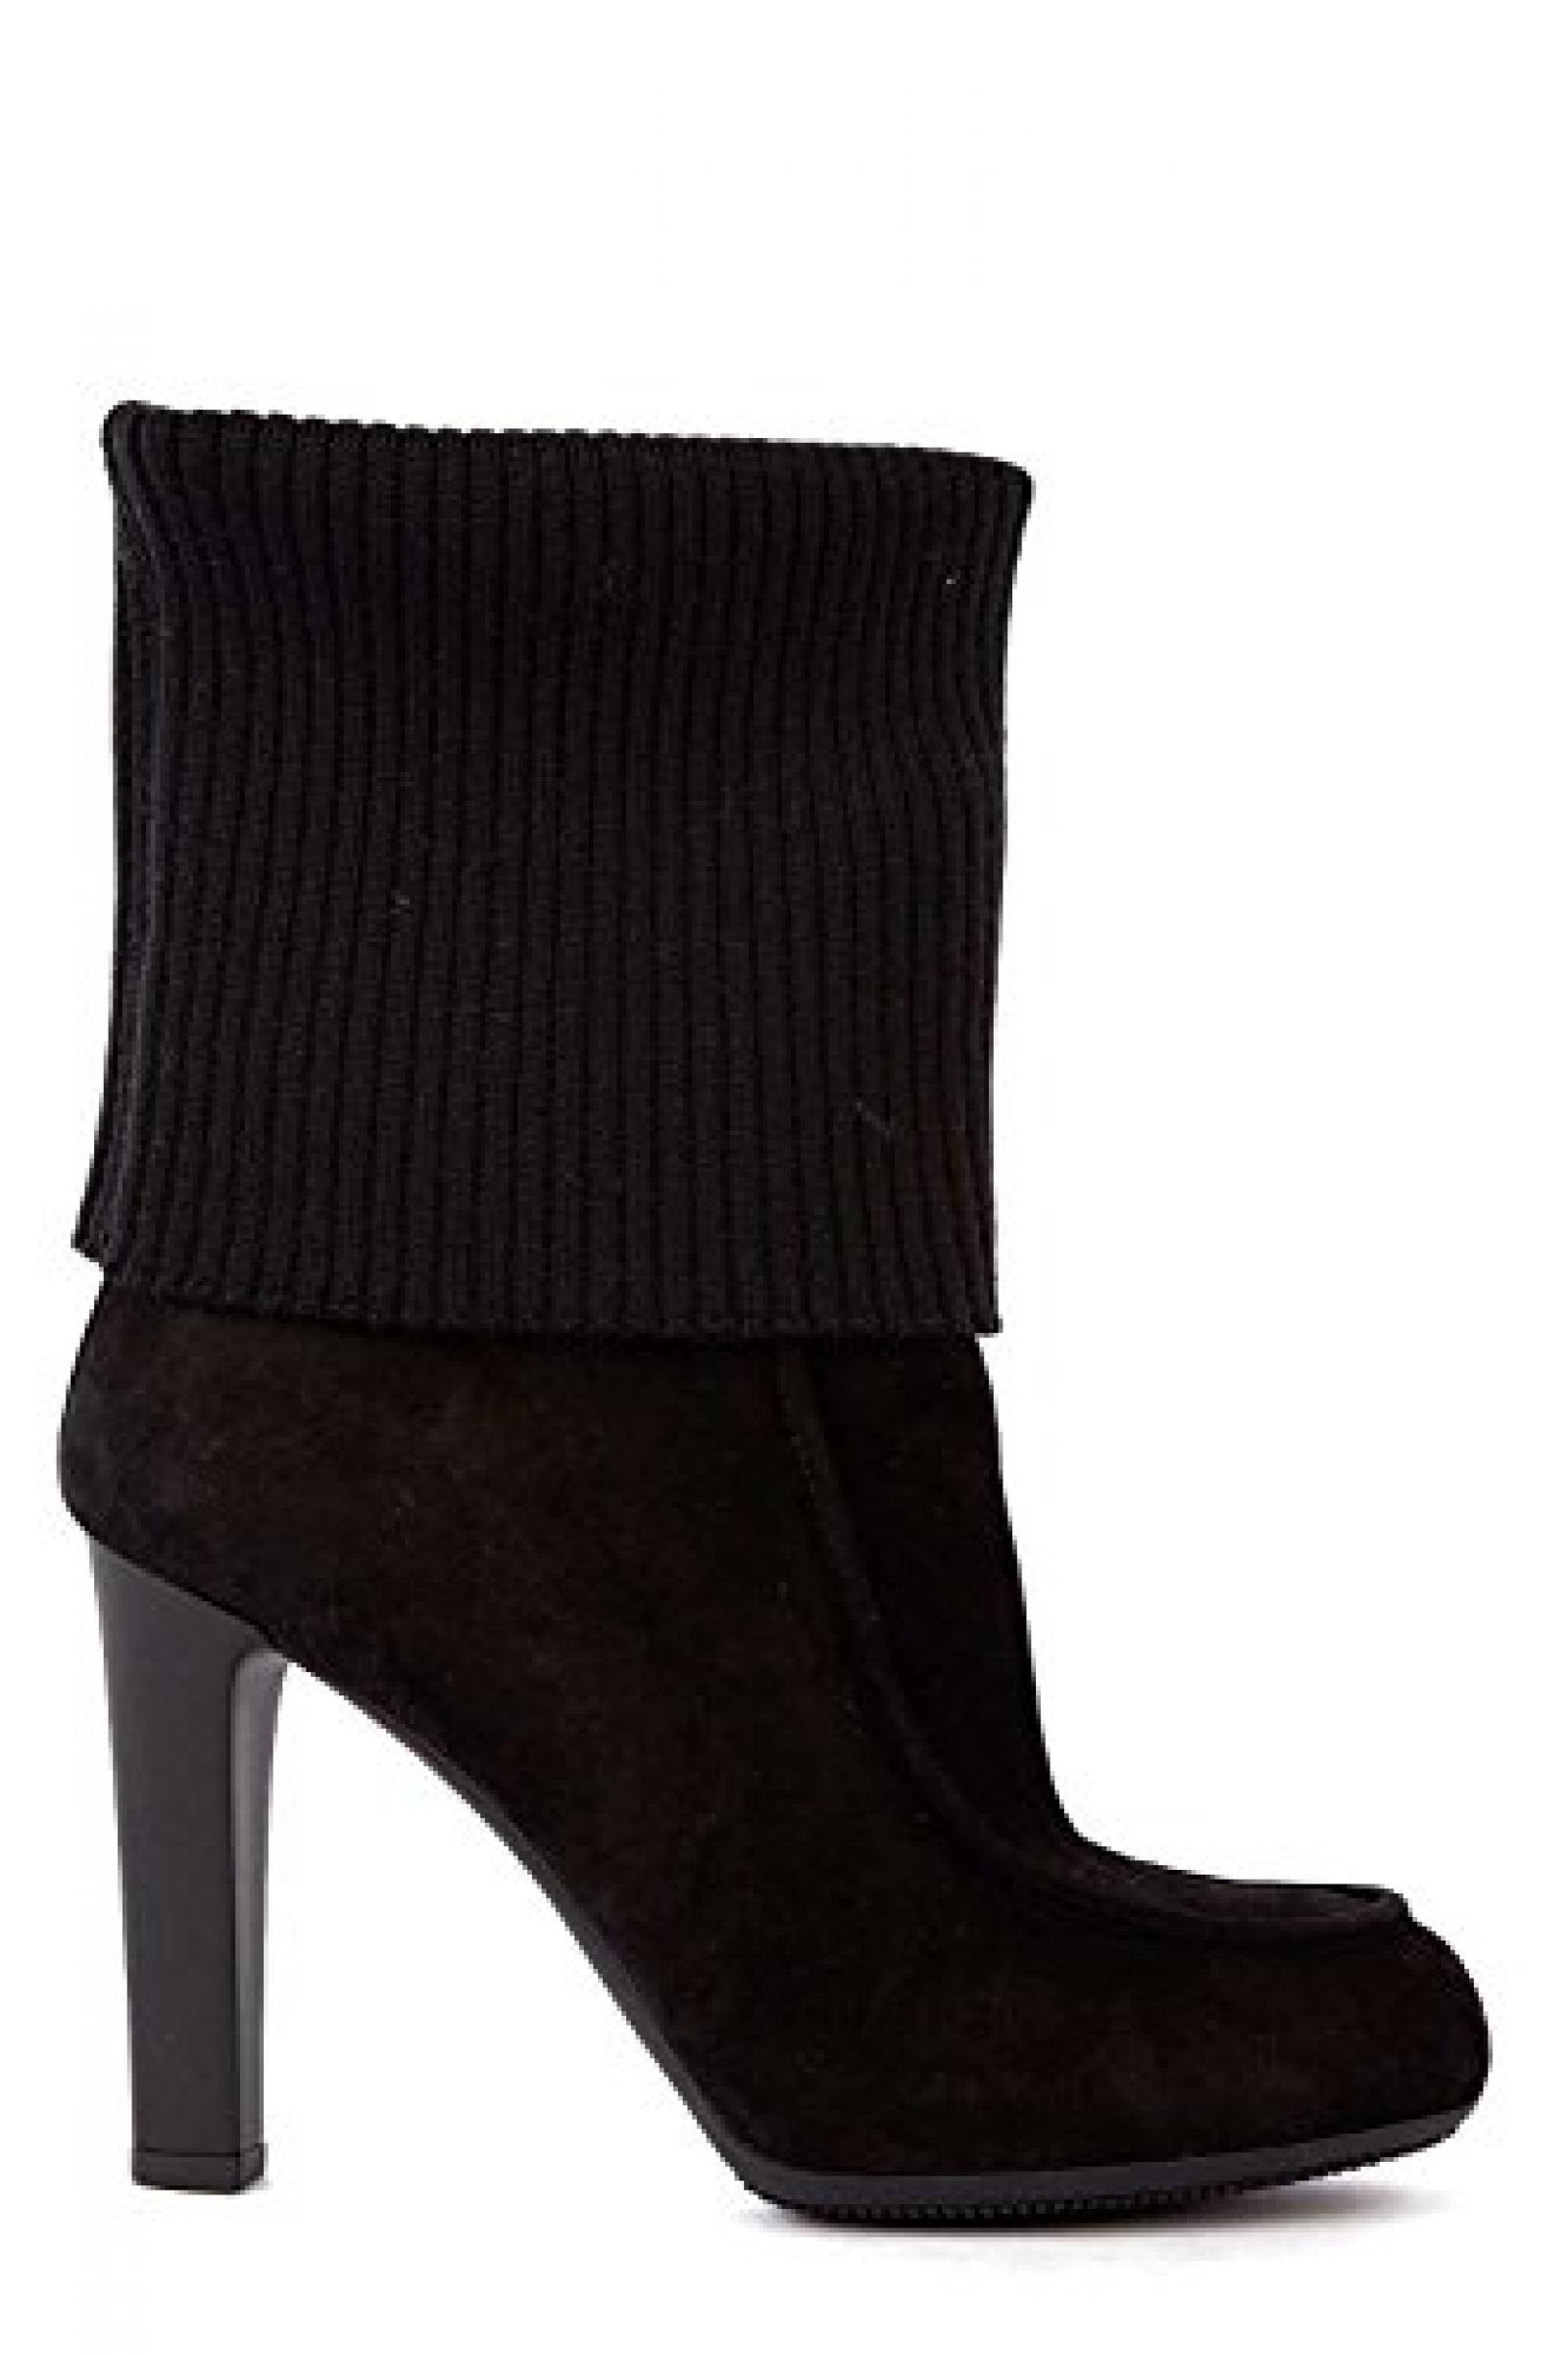 Hogan Damen Leder Stiefeletten Stiefel Ankle Boots mit Absatz Schwarz